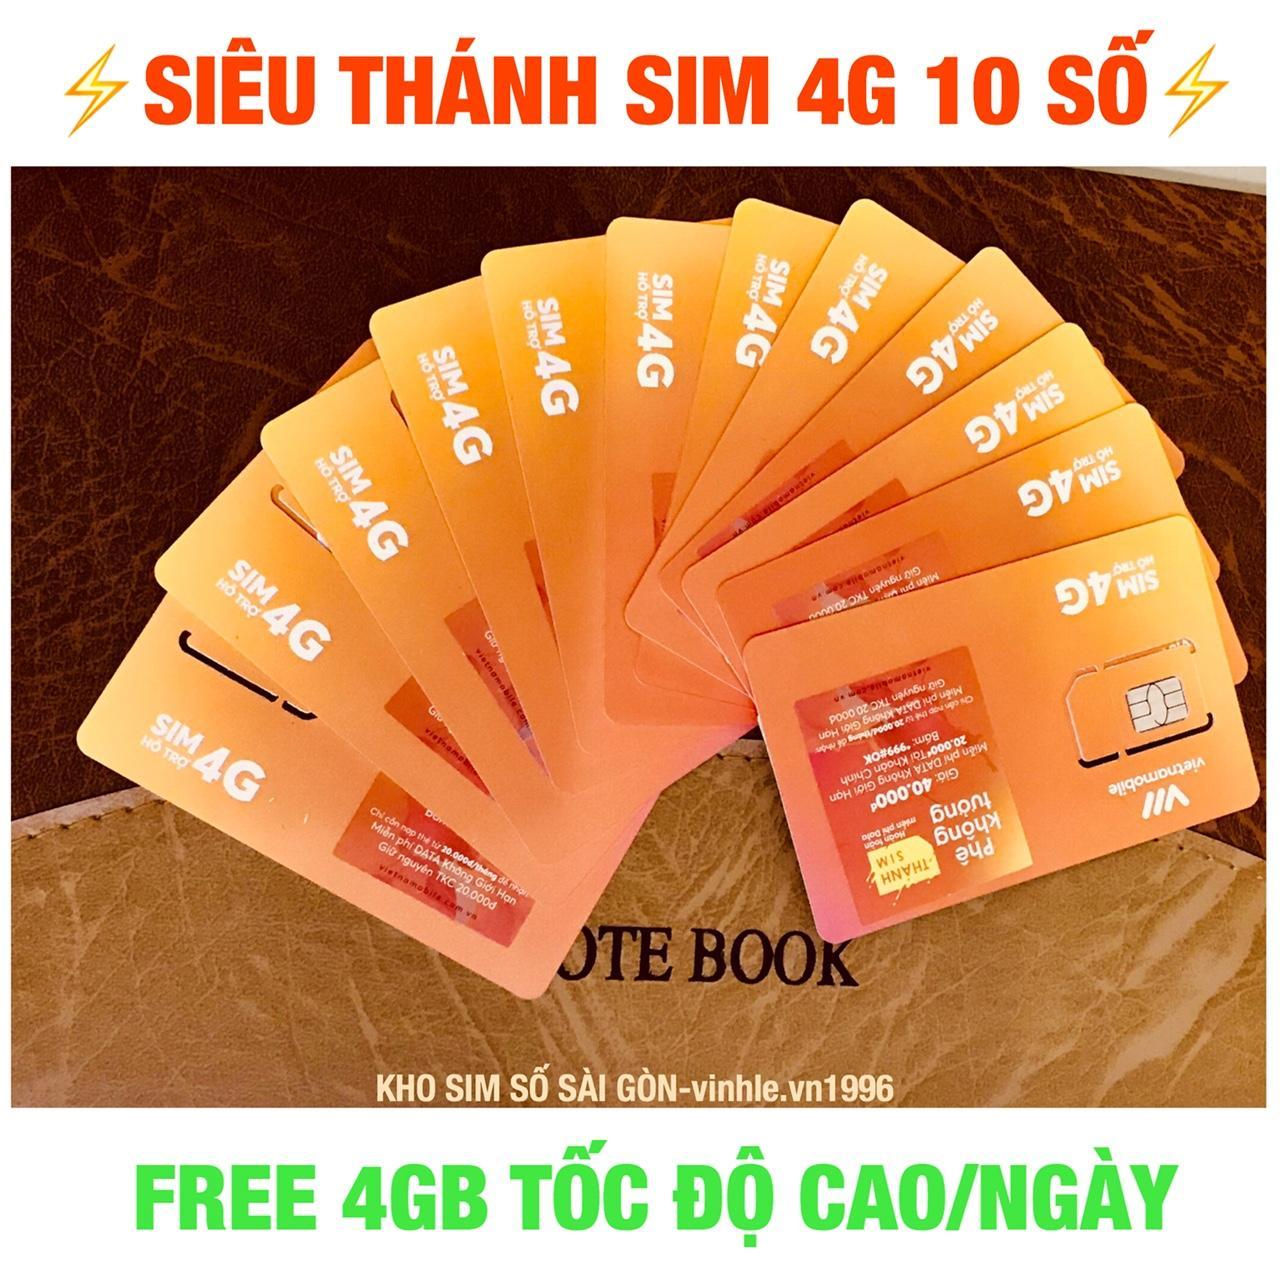 Hình ảnh Thánh Sim 4G 10 Số FREE 4Gb/ngày -thanh sim 4G Vietnamobile